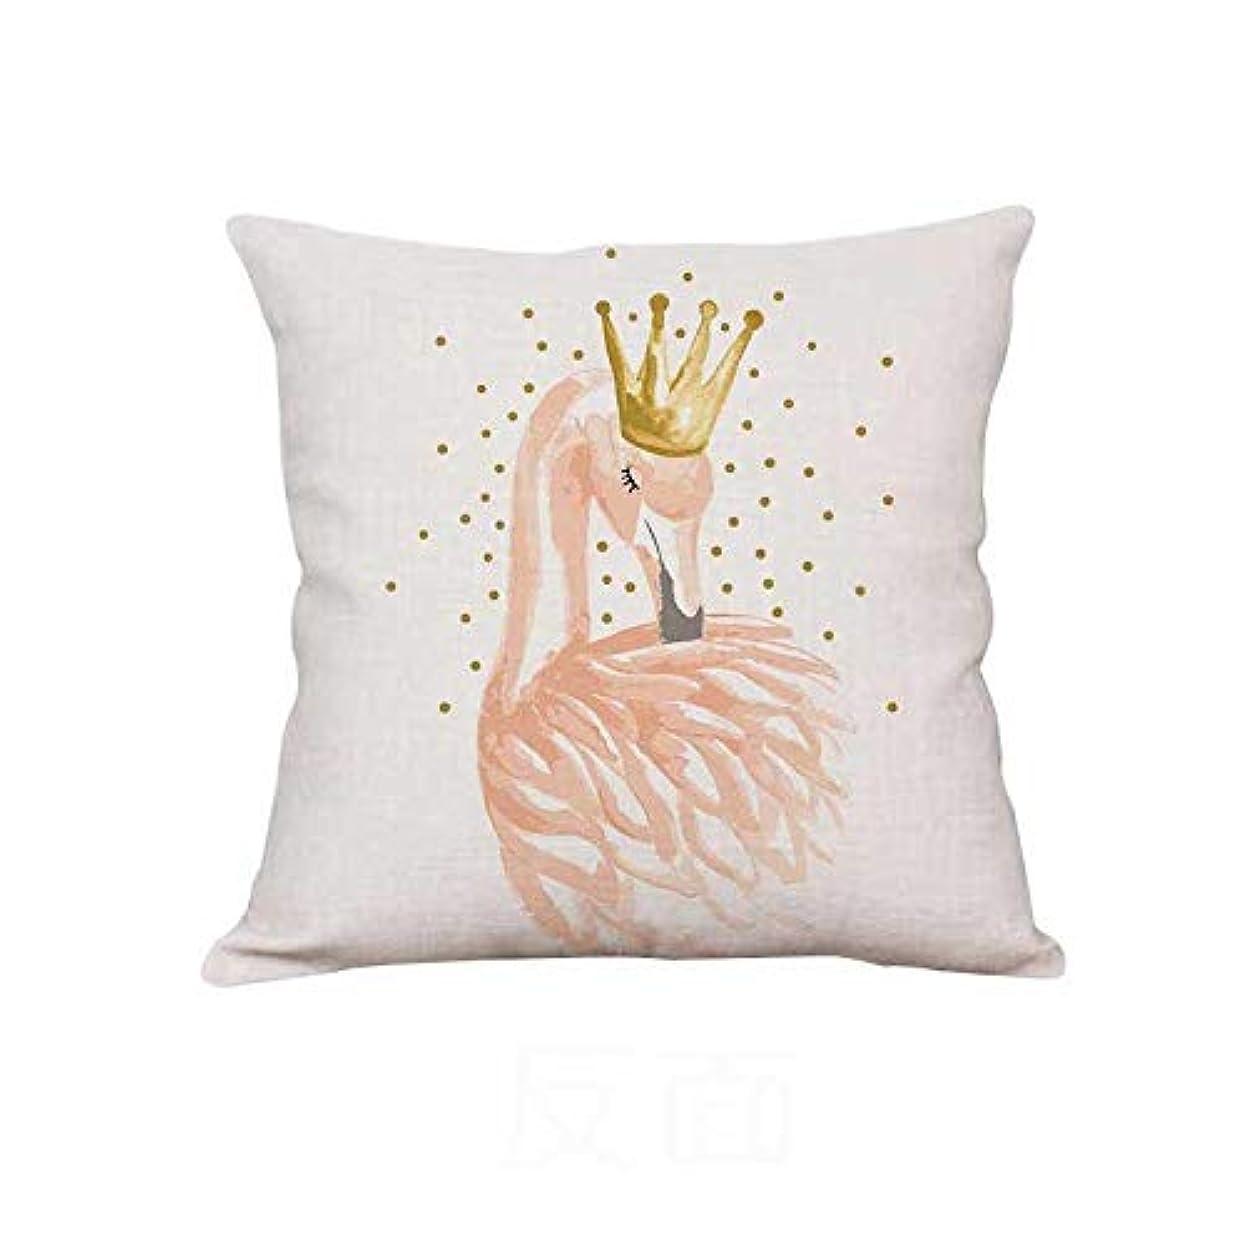 玉ねぎ化学質量LIFE 新しいぬいぐるみピンクフラミンゴクッションガチョウの羽風船幾何北欧家の装飾ソファスロー枕用女の子ルーム装飾 クッション 椅子